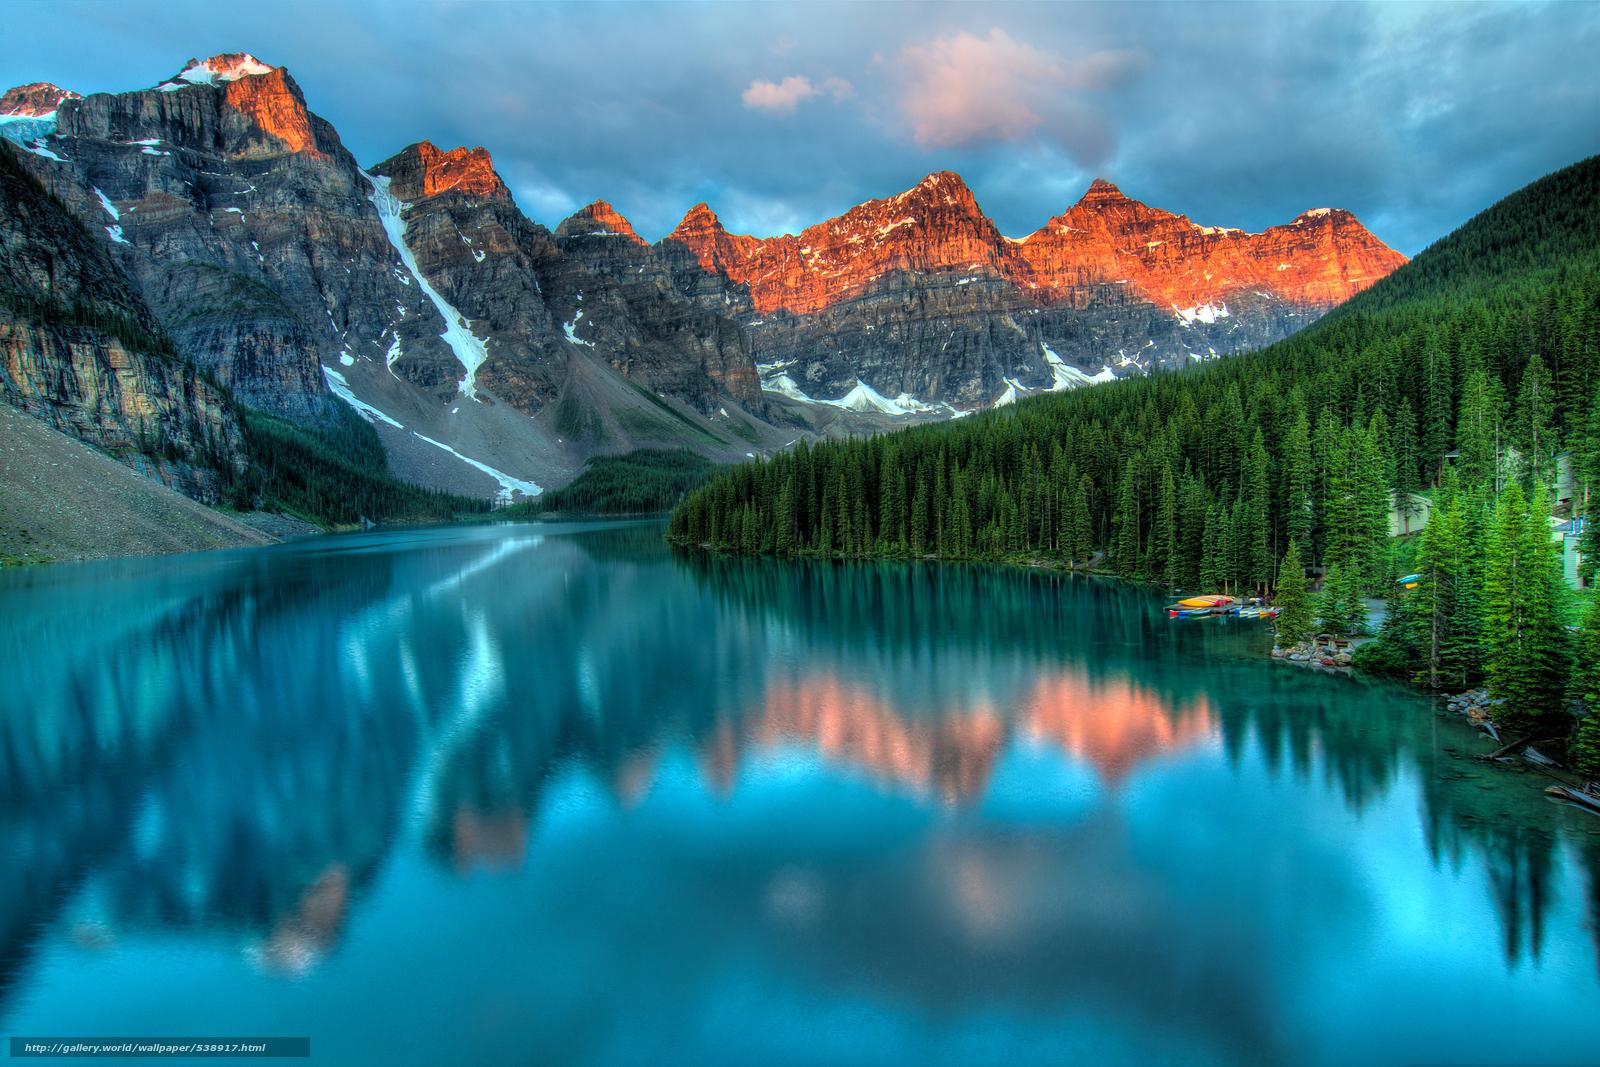 Download wallpaper Moraine Lake Banff National Park Alberta Canada 1600x1067